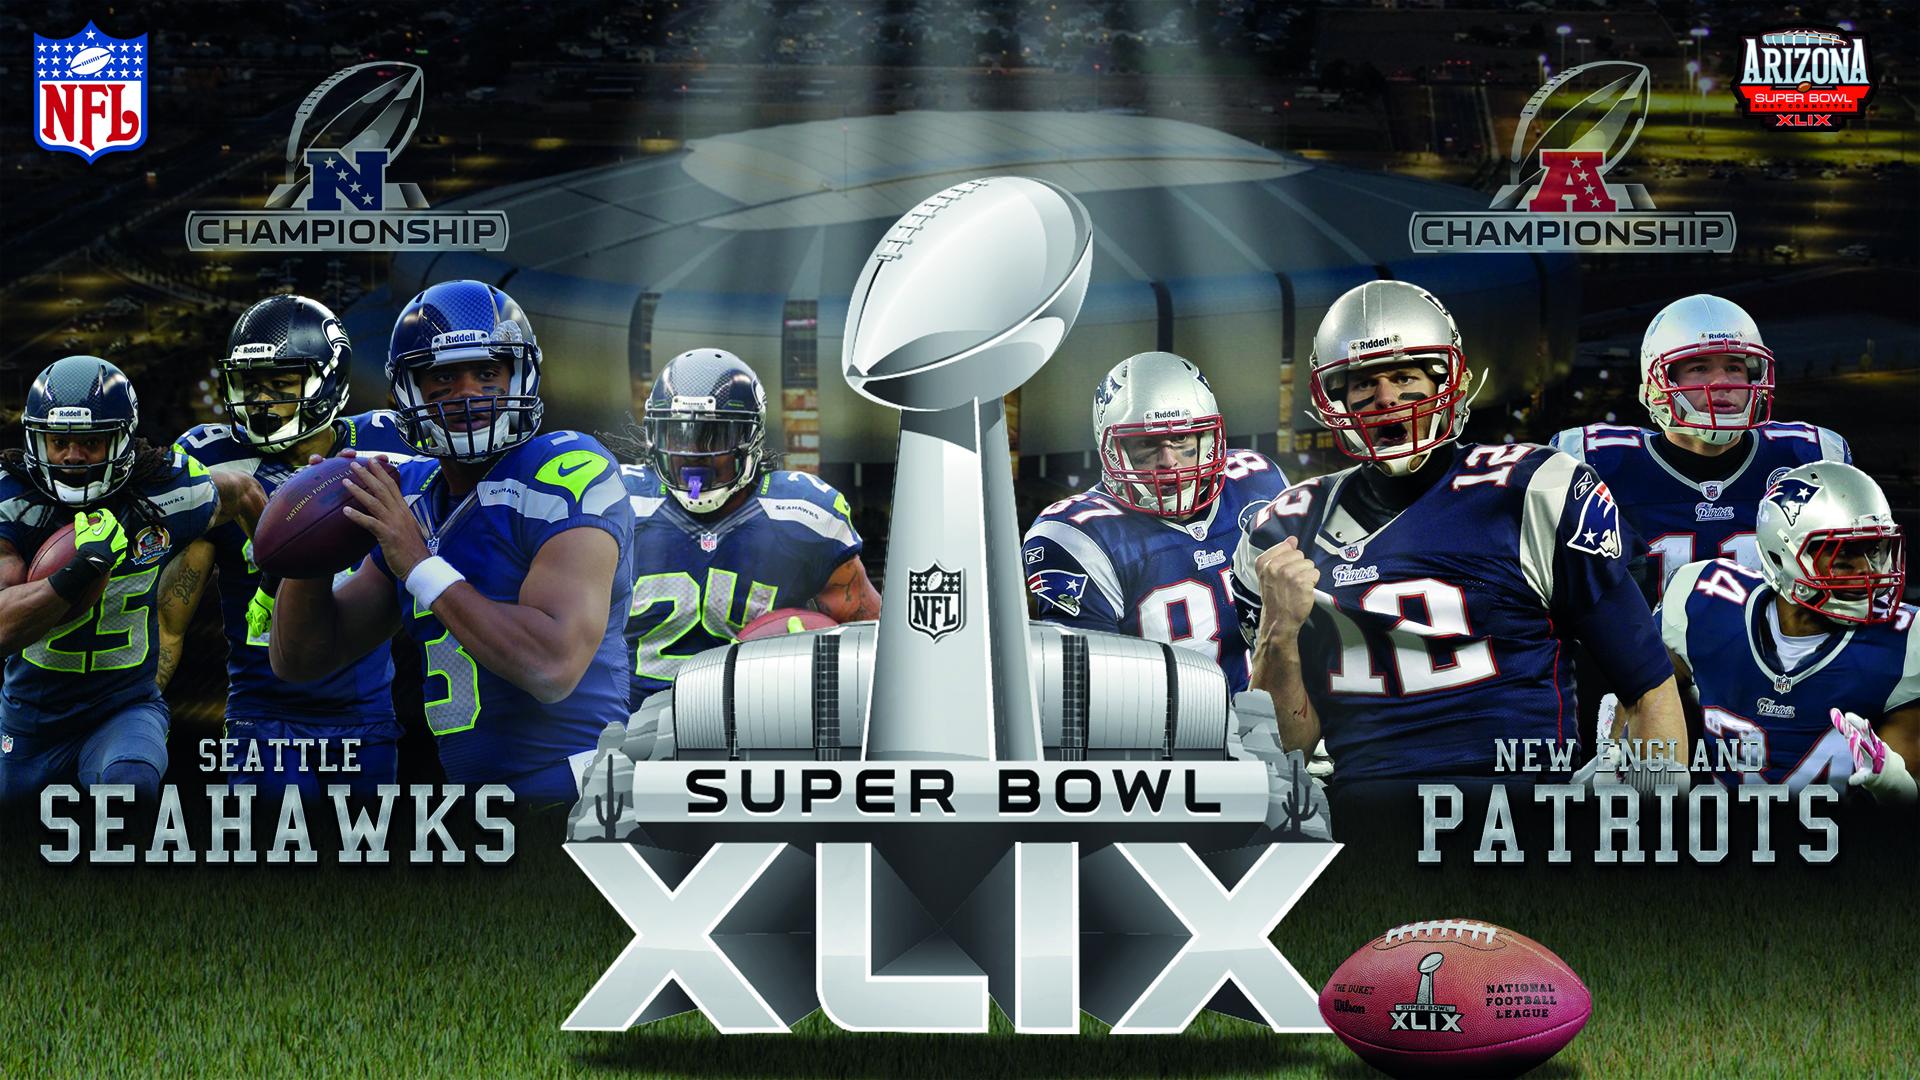 Free Super Bowl Wallpapers  WallpaperSafari